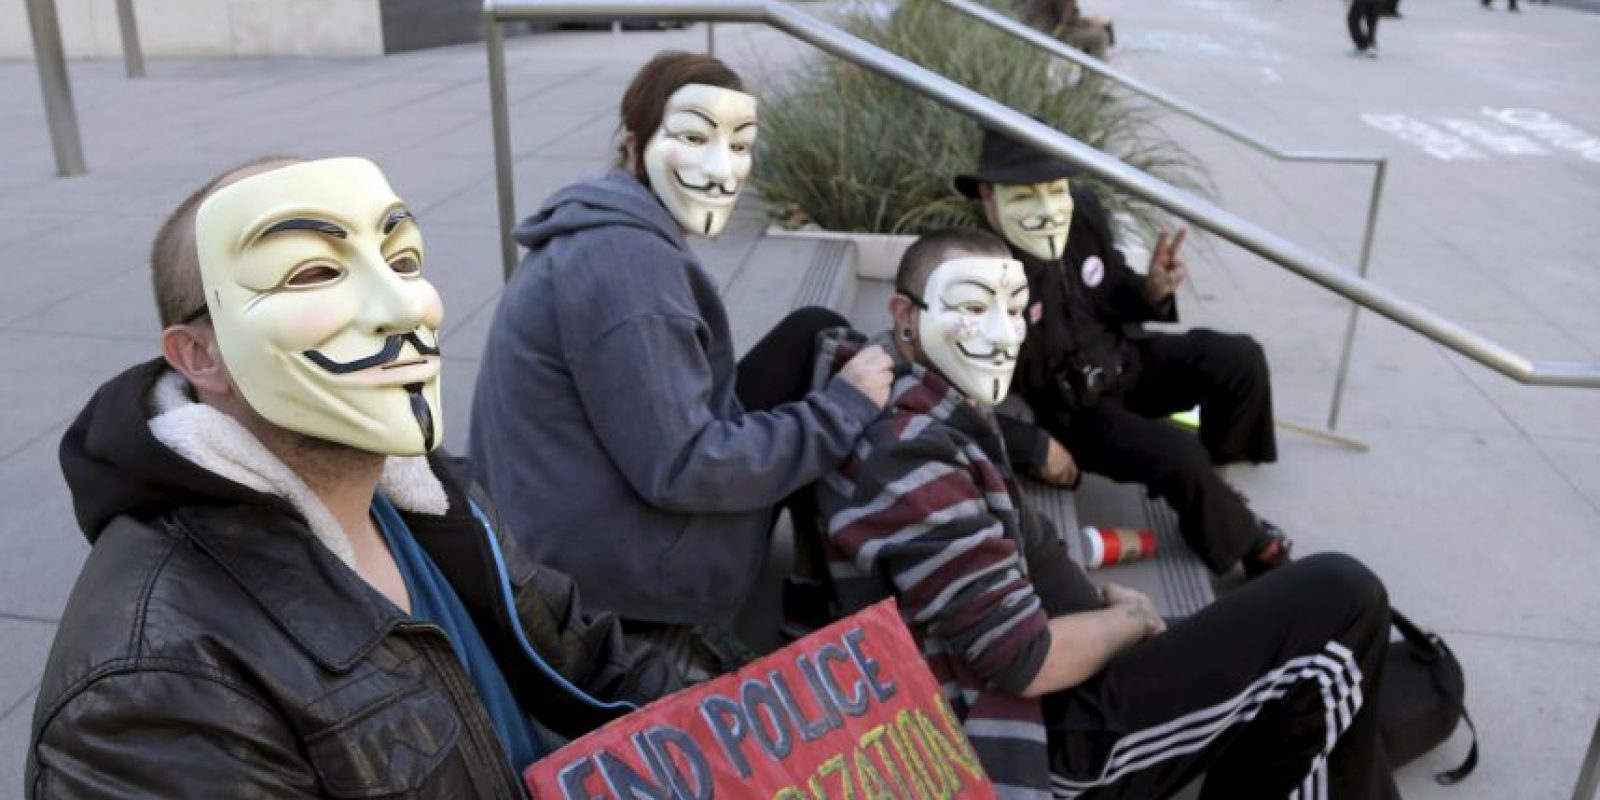 Anonymous se manifiesta en acciones de protesta a favor de la libertad de expresión y la independencia de Internet . Foto:AP